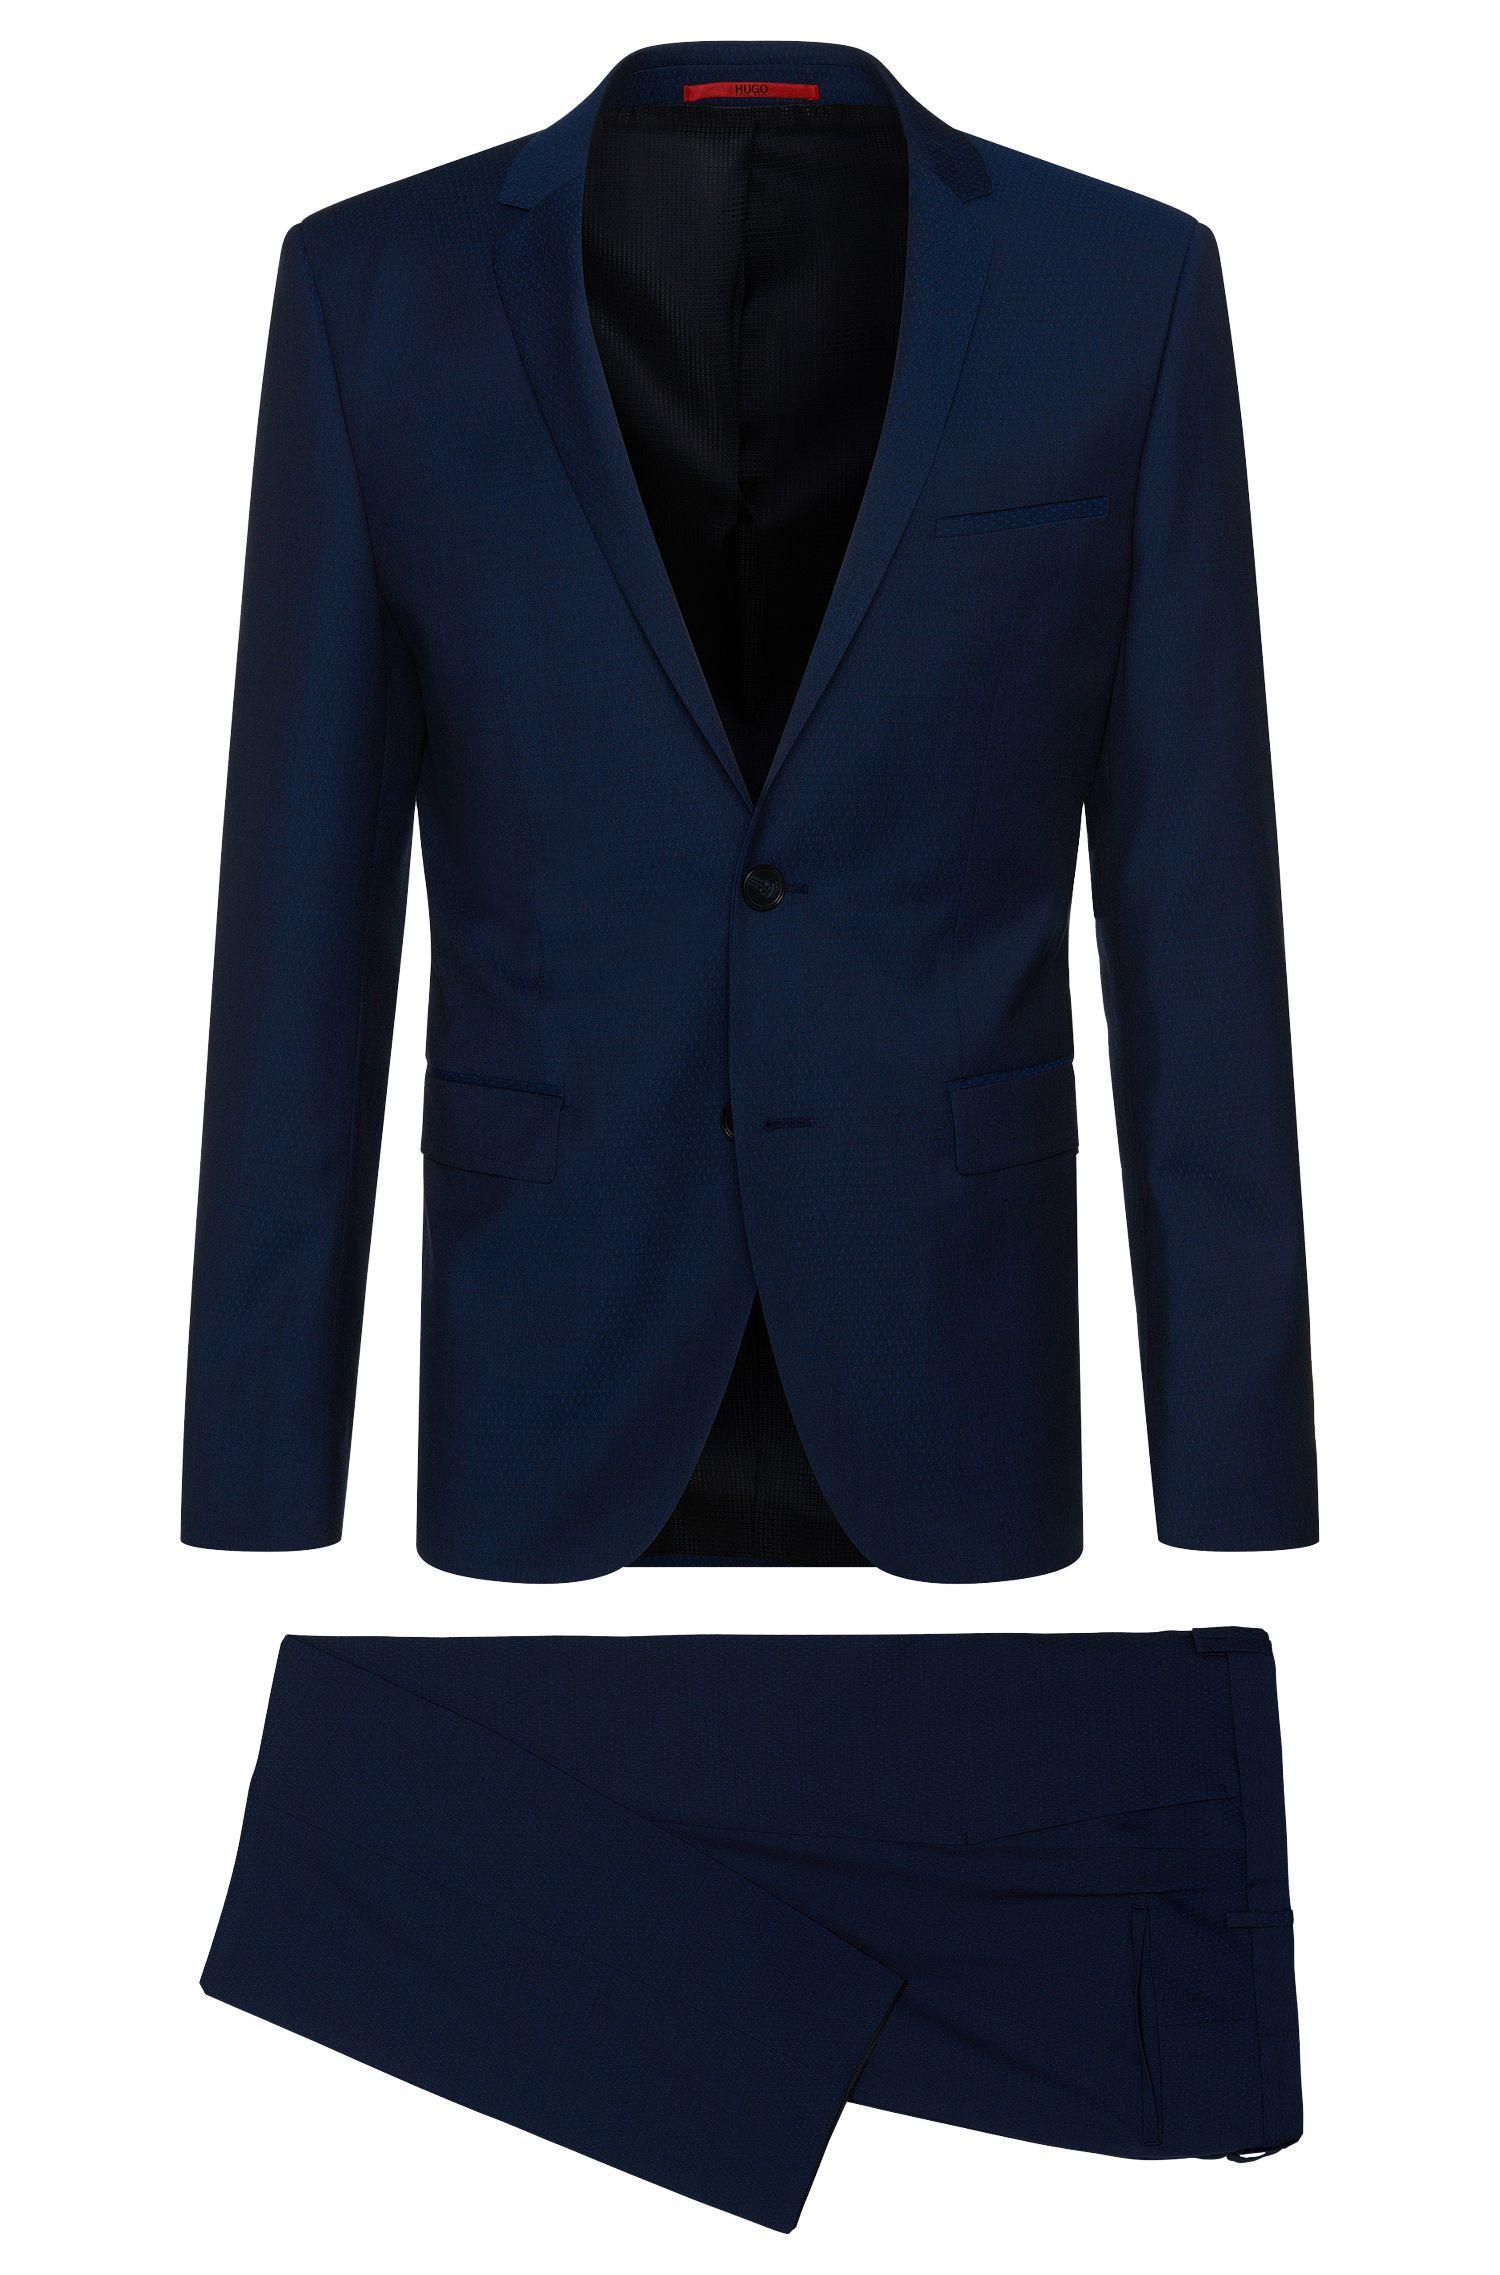 'Adris/Heibo' | Extra Slim Fit, Patterned Virgin Wool Suit